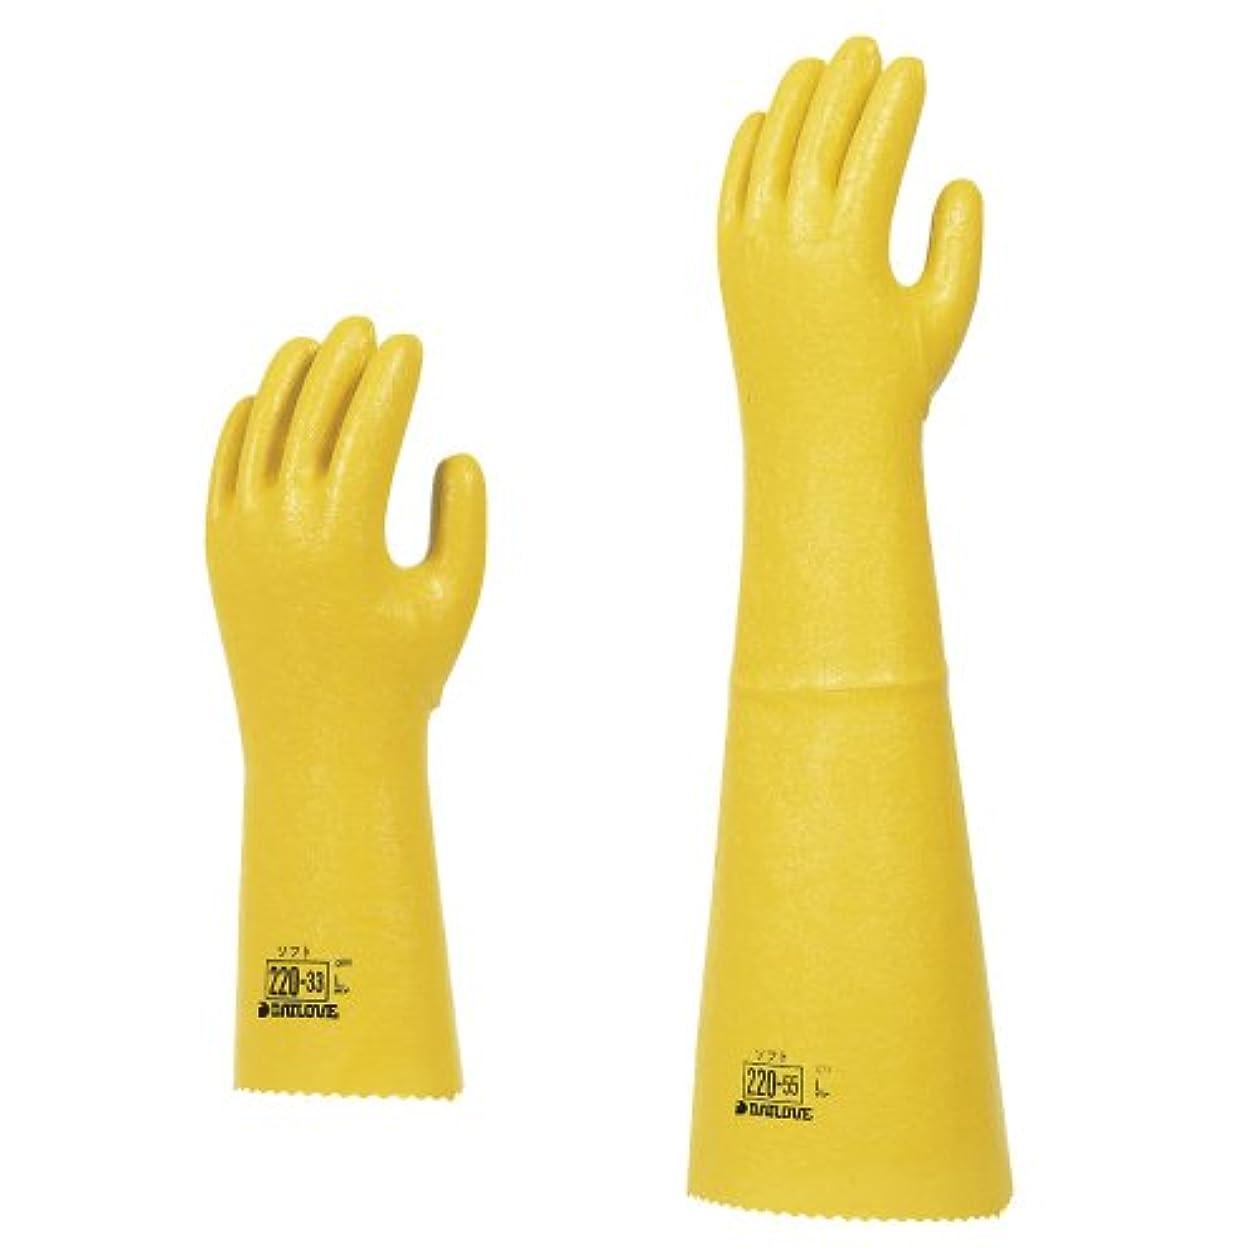 科学者ポンプみダイローブ手袋 220-33 04-188-02(M)????????????220-33M(23-2948-01)